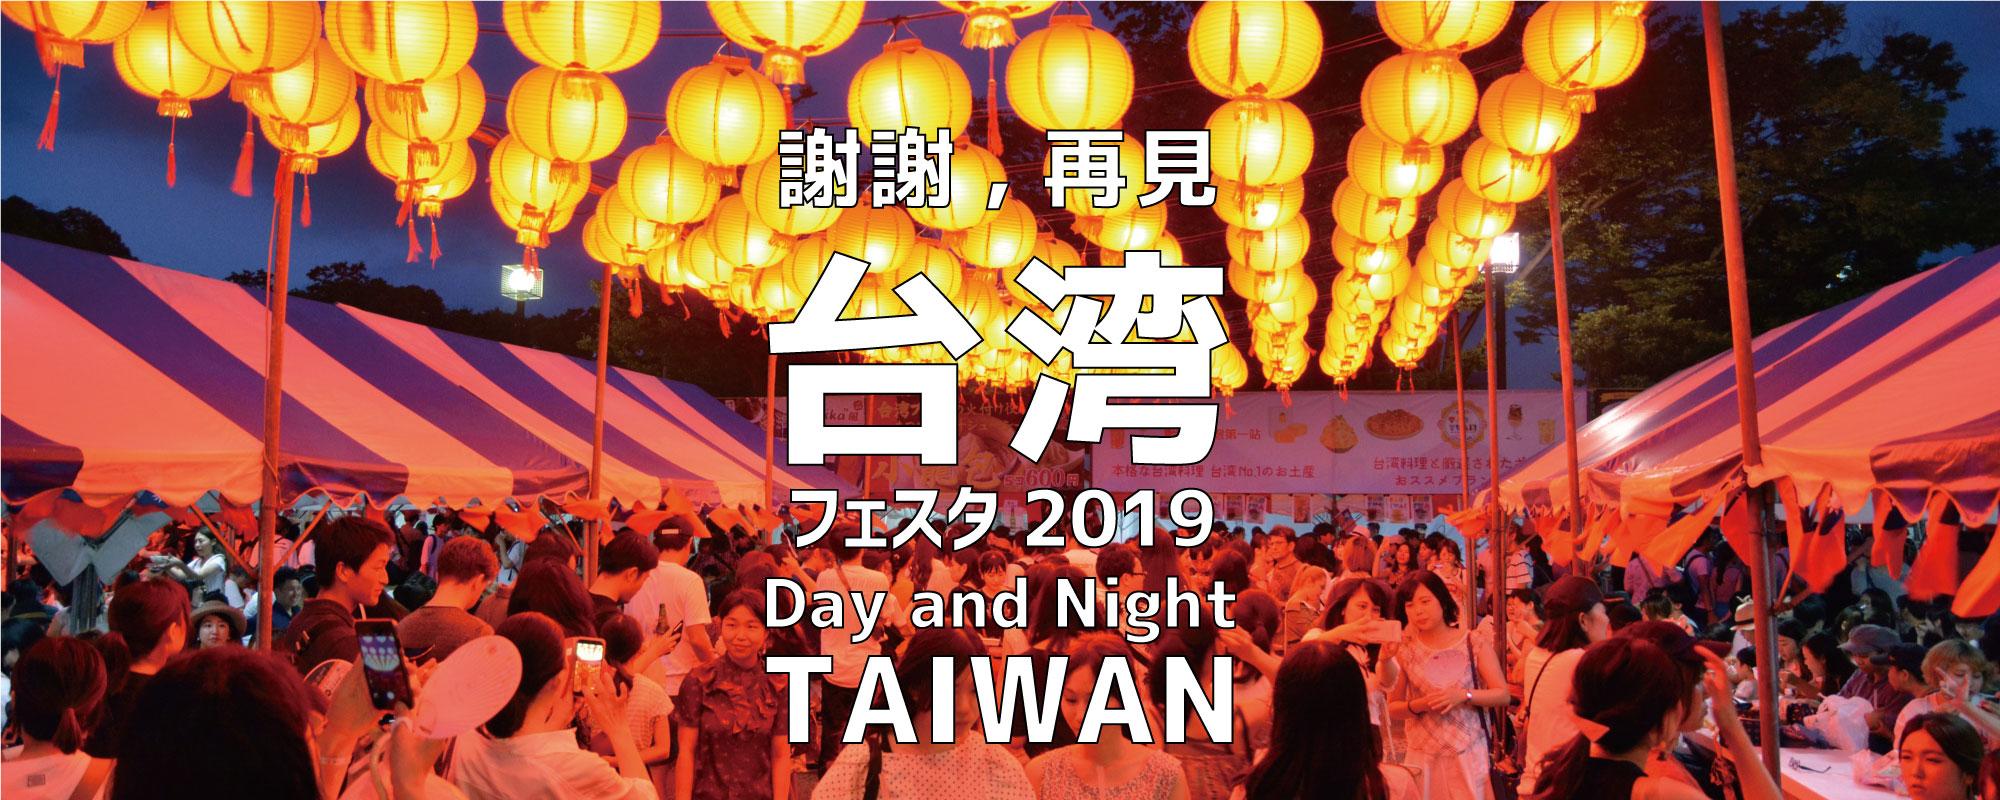 台湾フェスタ終了バナー2019